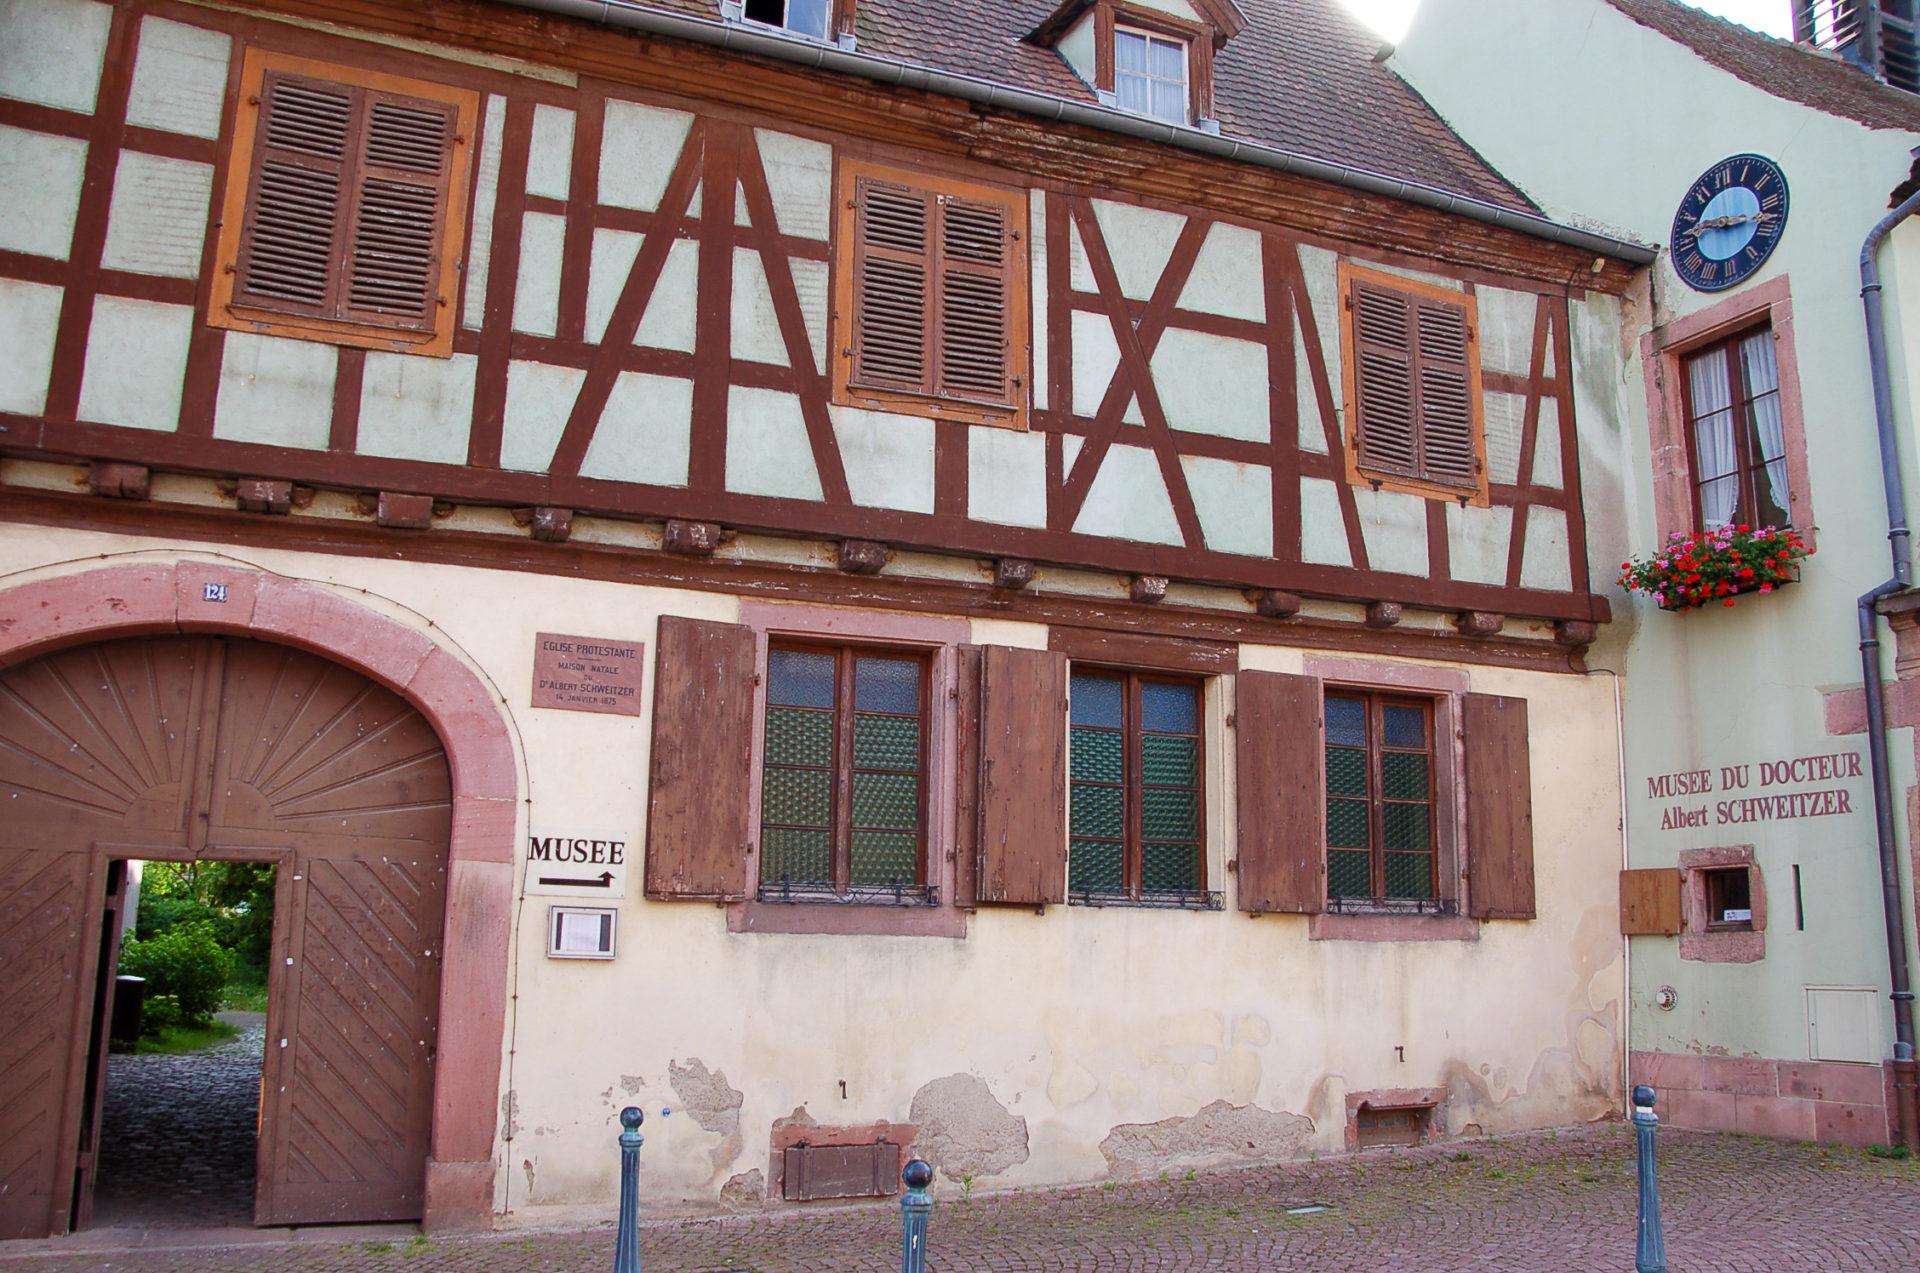 Das Geburtshaus von Albert Schweitzer in Katzenthal beim Road Trip über die Elsässische Weinstraße